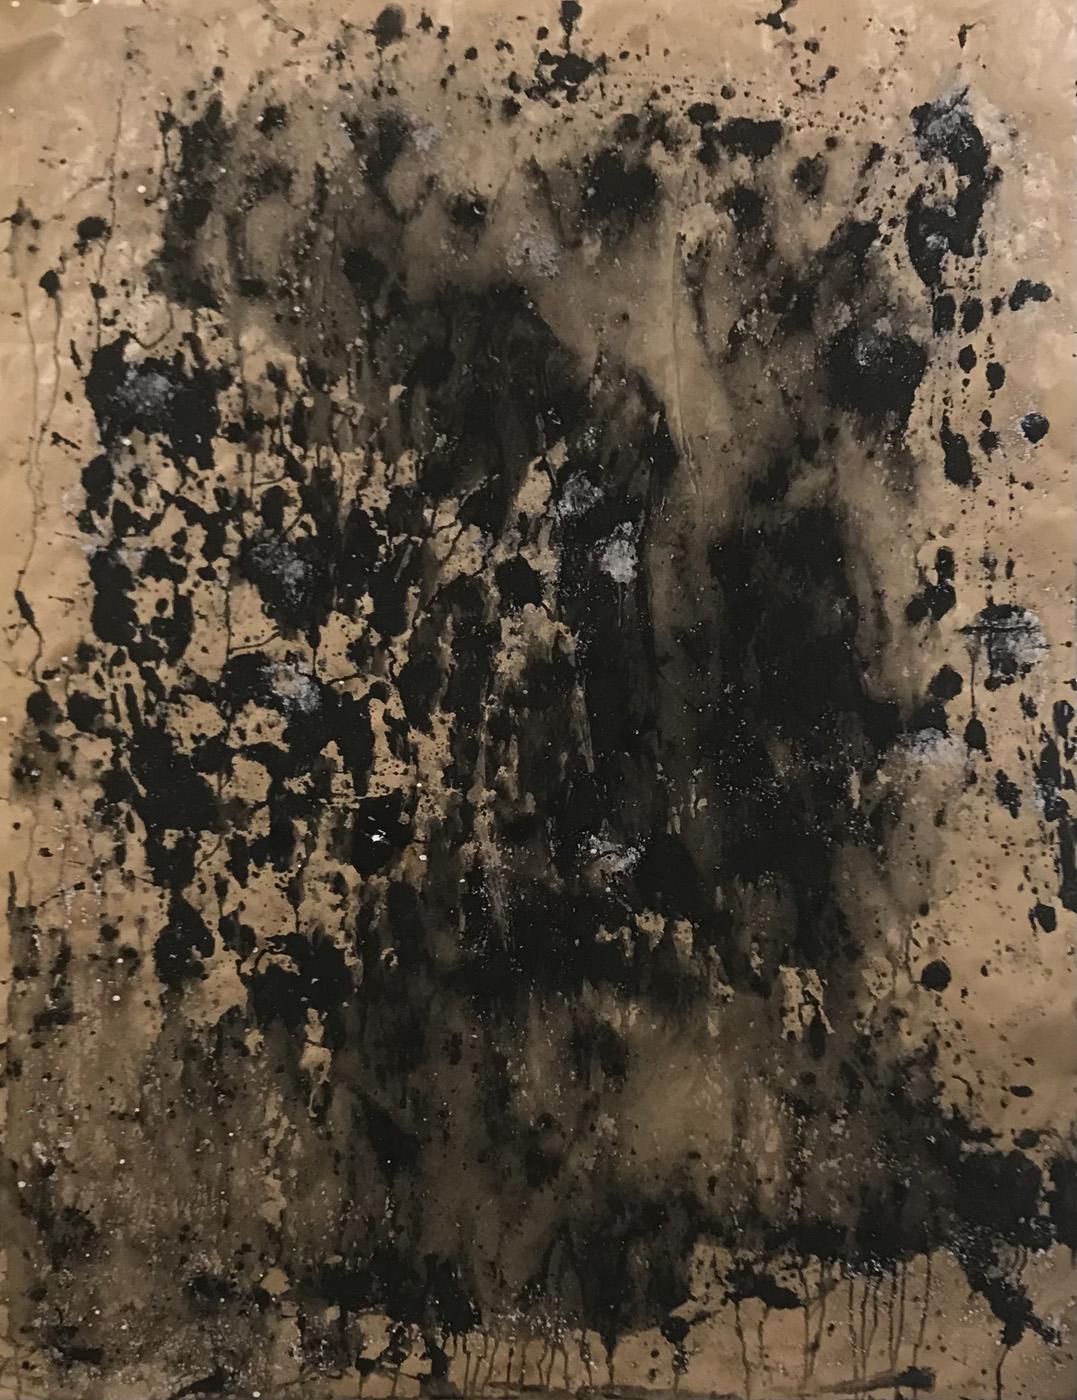 MARC FELD 2021 ÉBOULIS 1 série MURAILLES MÉMOIRES Huile gouache et acrylique sur papier 130 x 96 cm